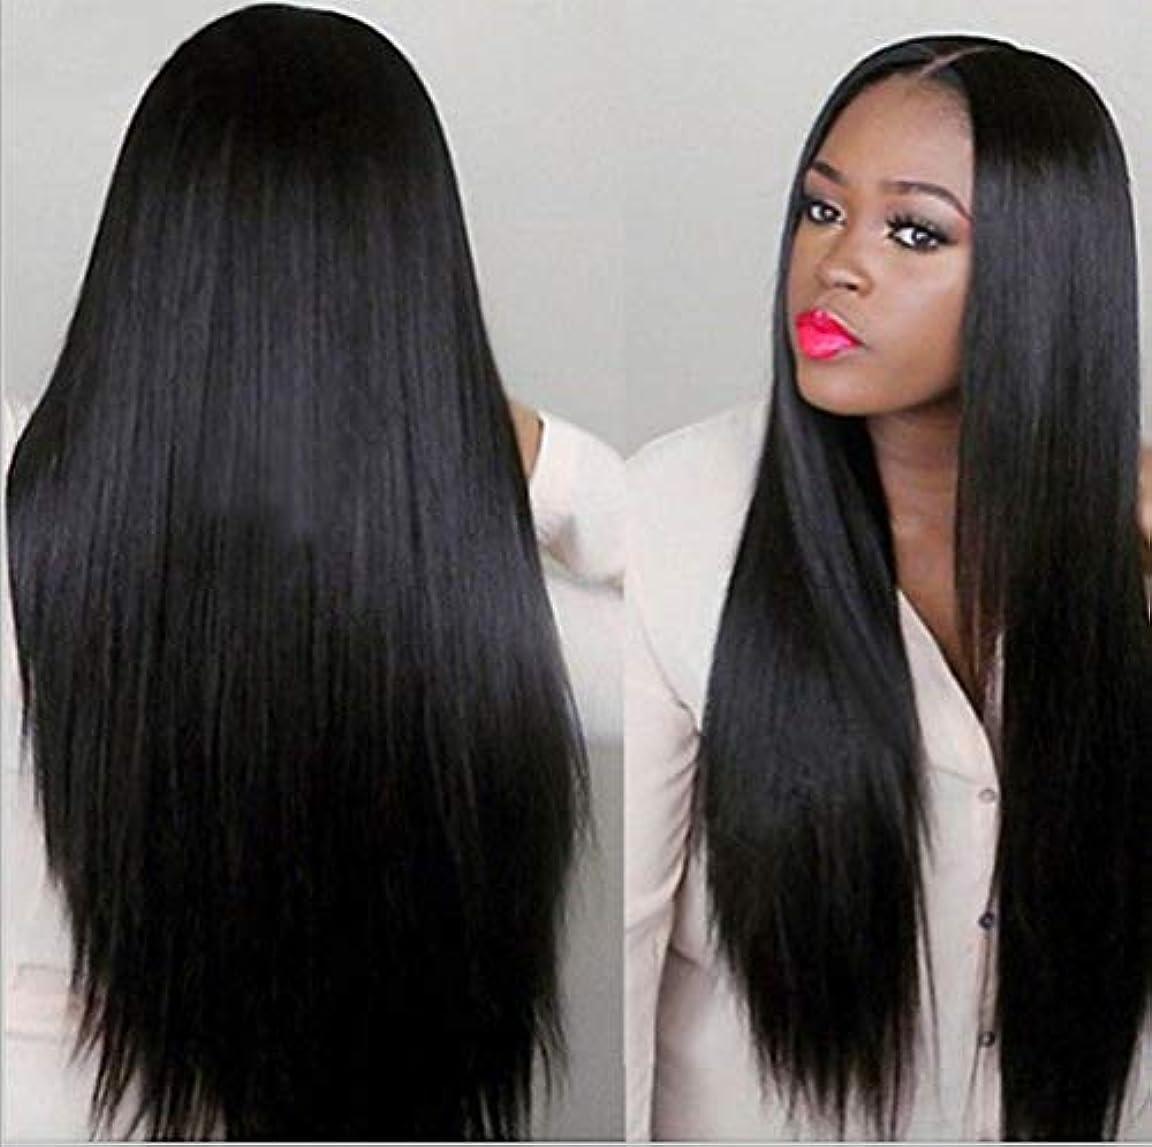 アプライアンス頬骨直感女性150%密度ウィッグブラジルレミー人毛ストレートヘアレースウィッグベビーヘア付きブラック70cm